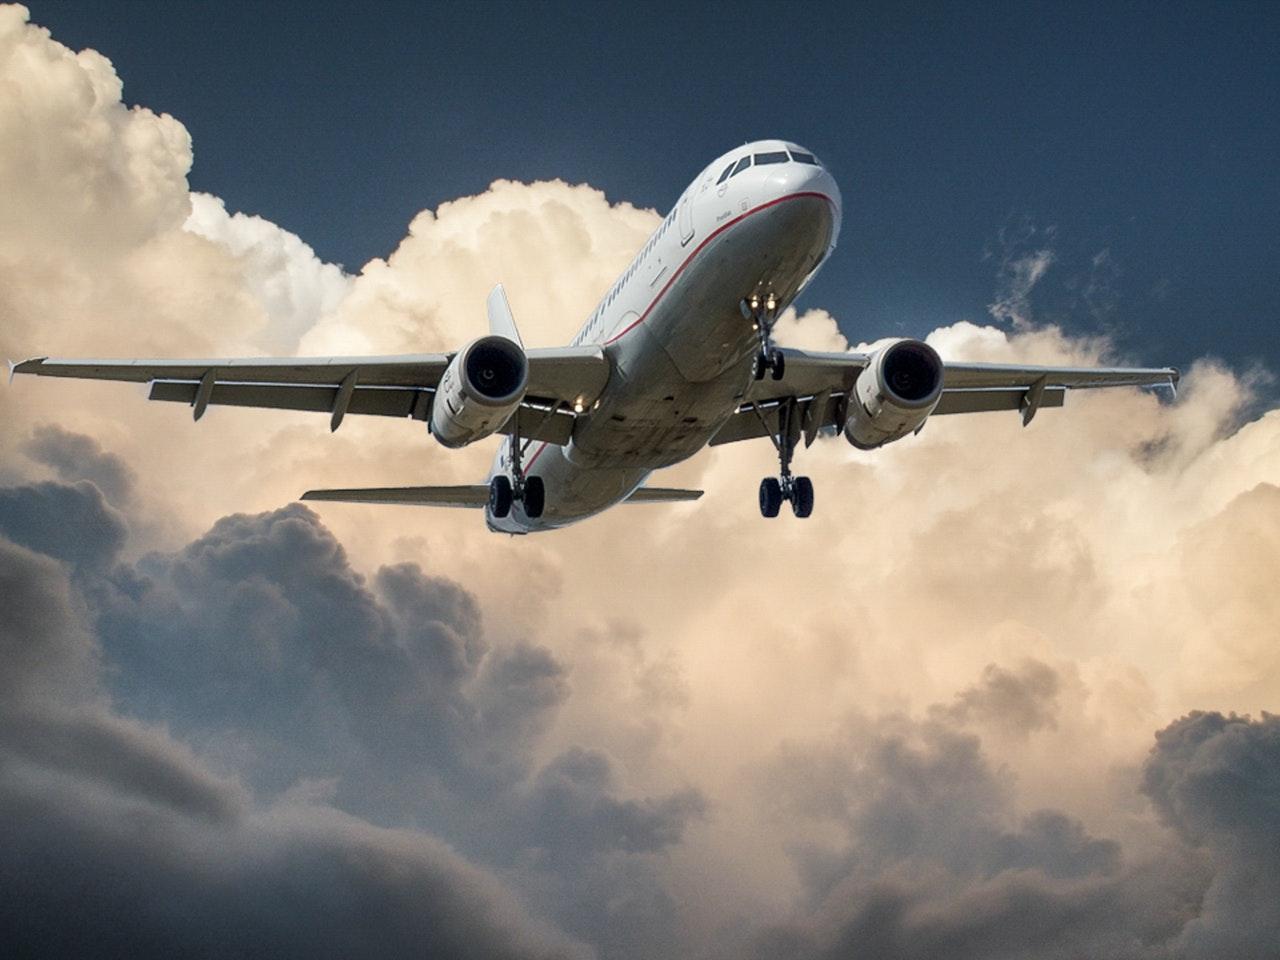 Jak odzyskać pieniądze za odwołany lot?